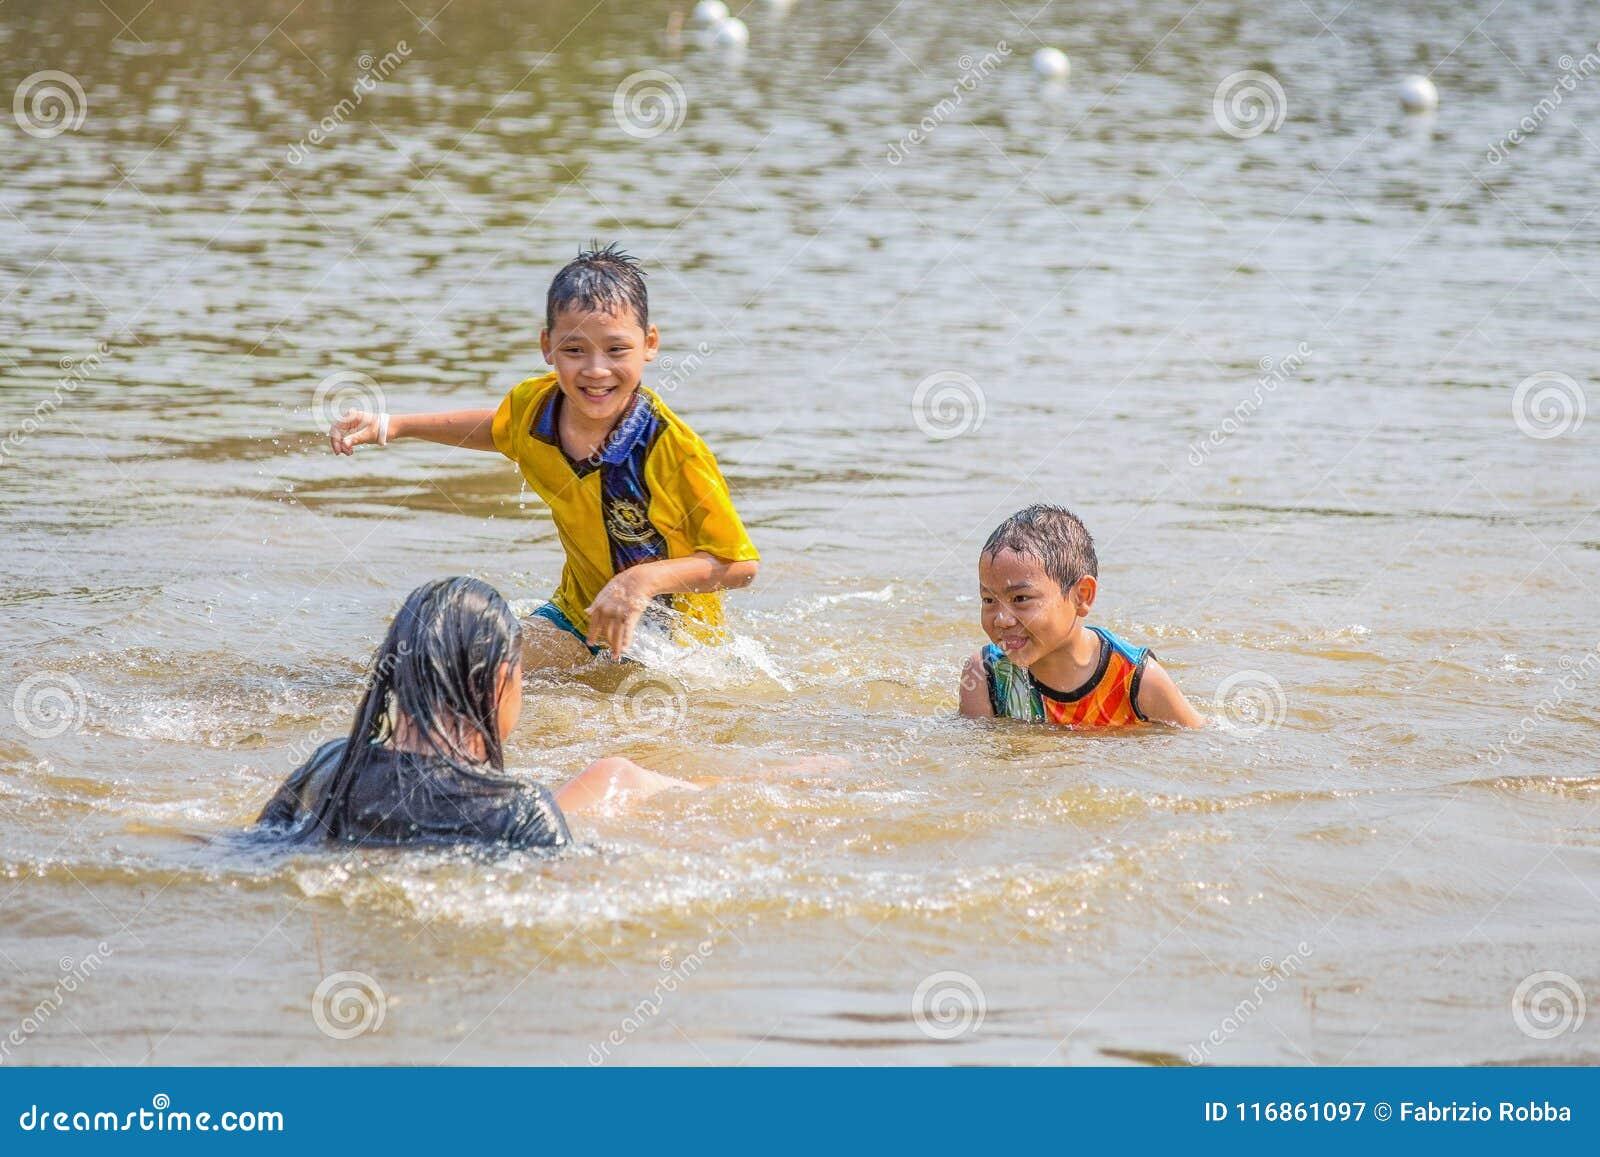 泰国儿童游戏到湖里,泰国的水